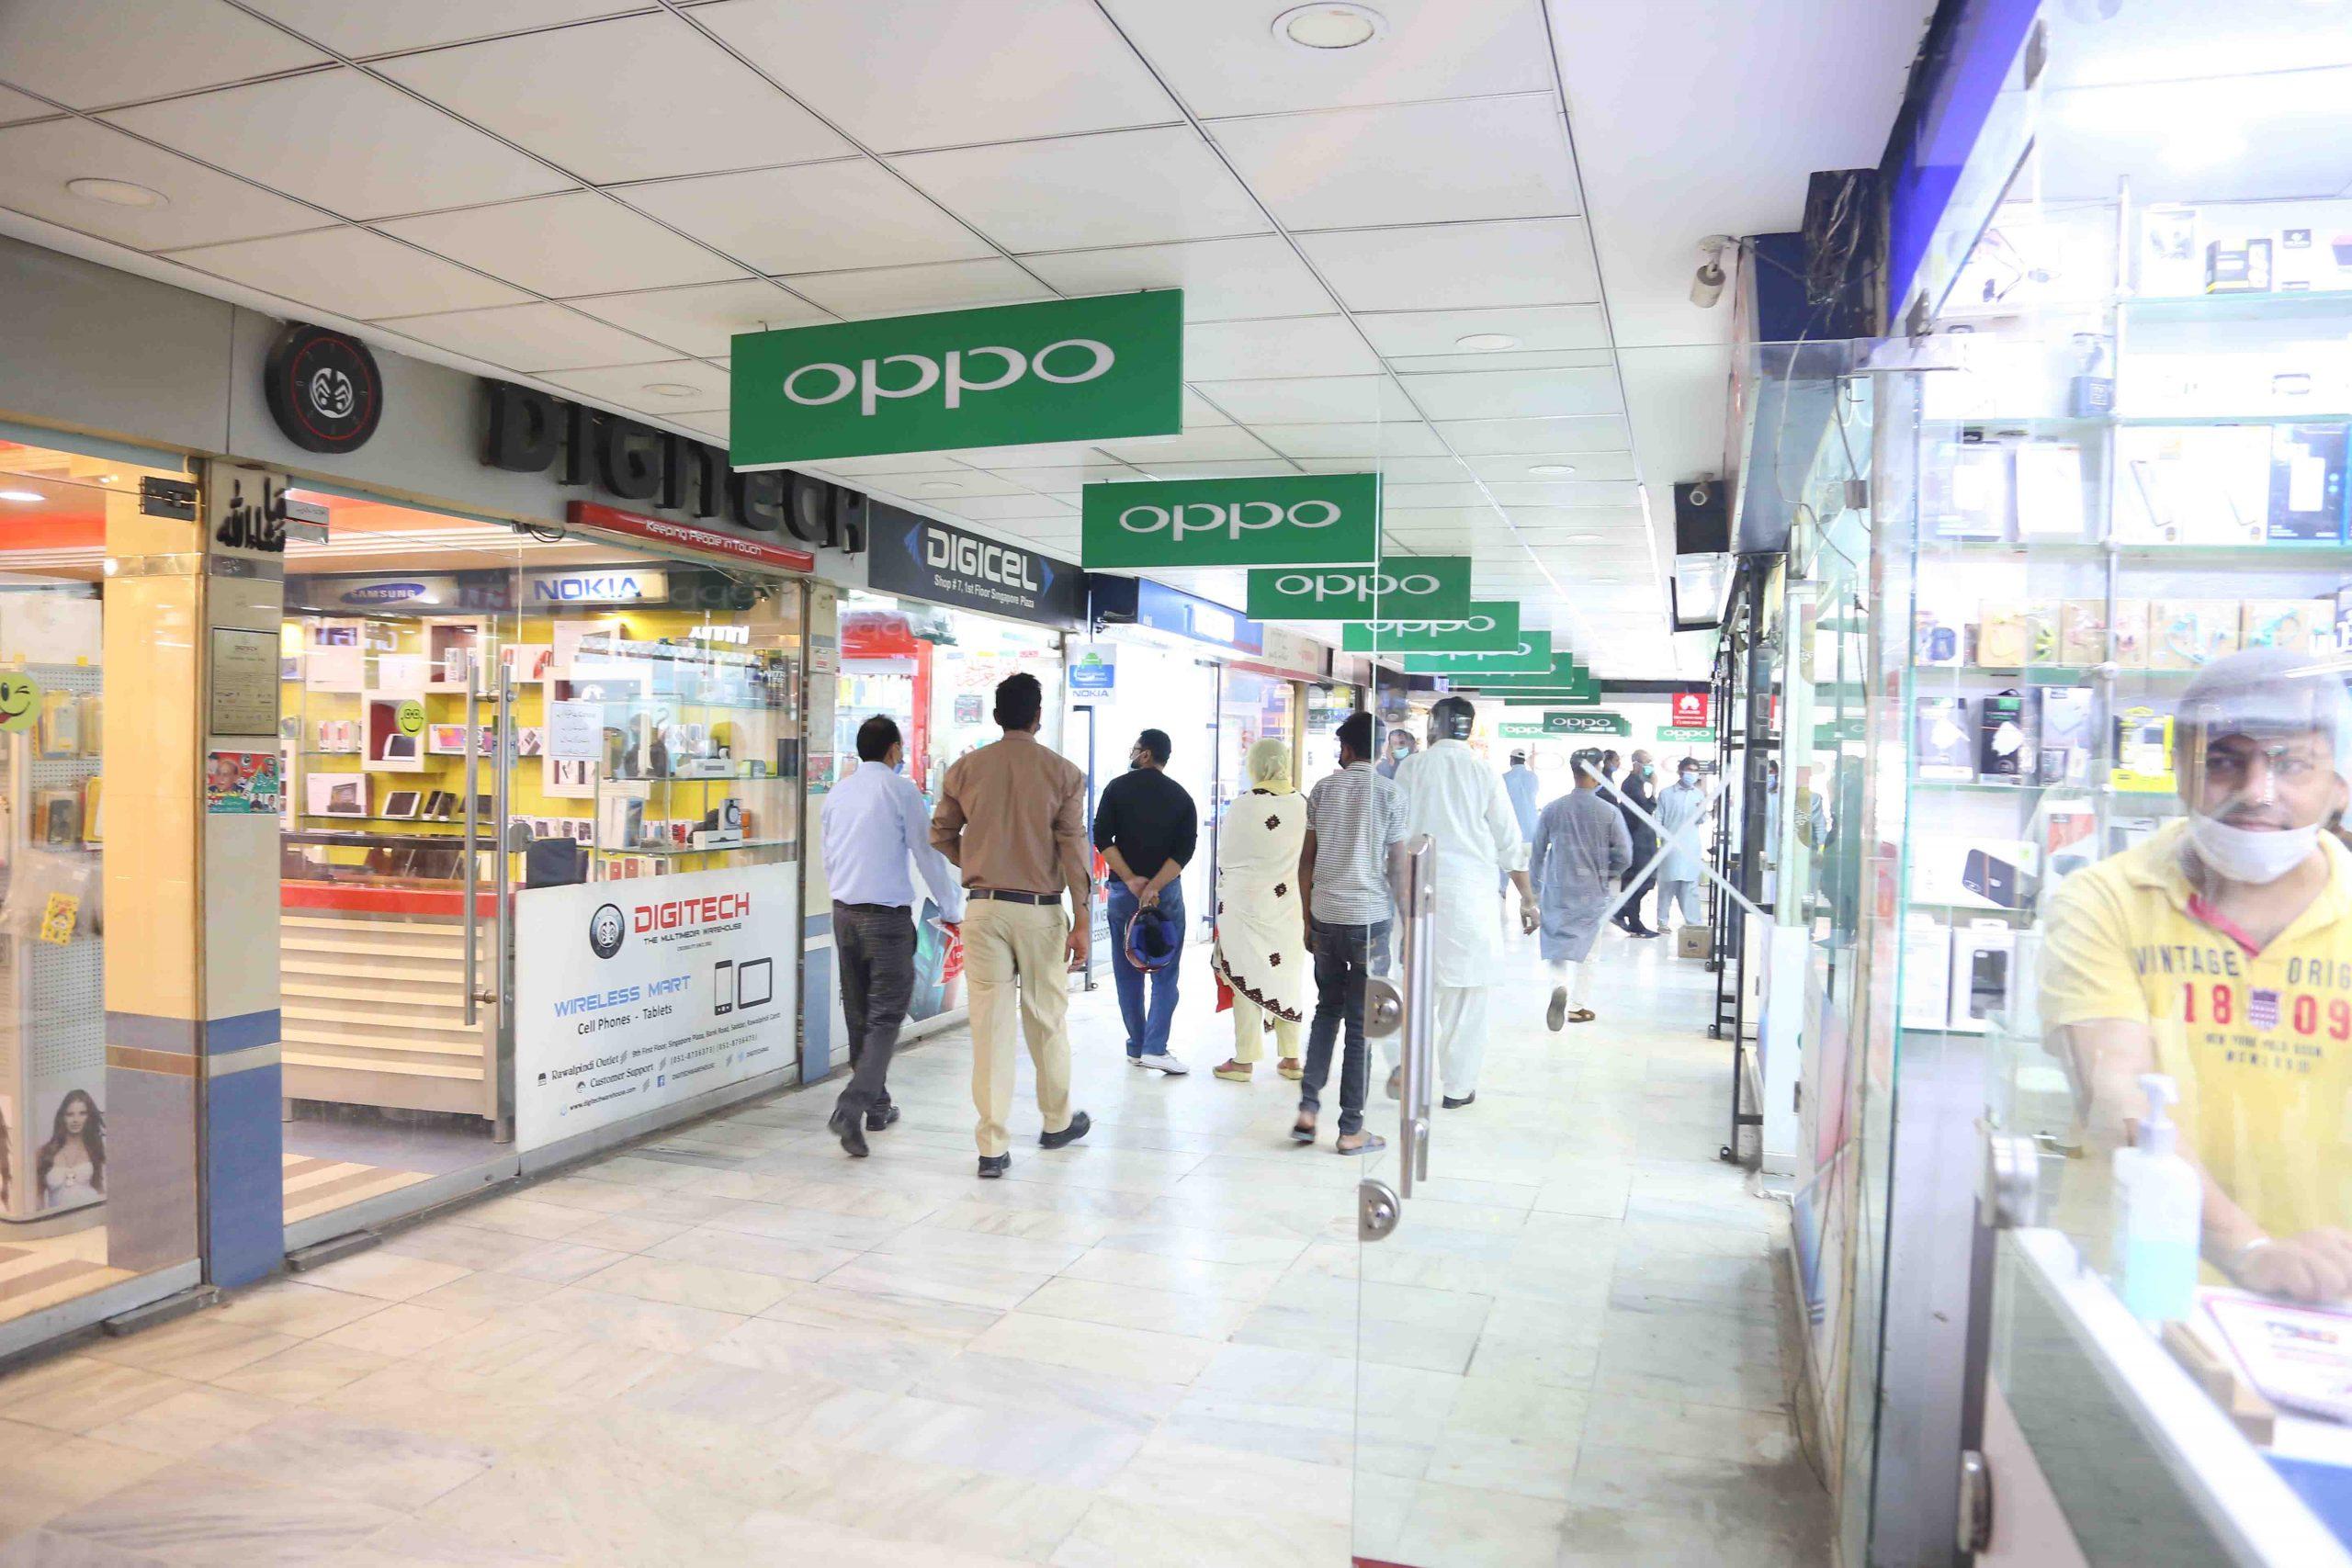 Singapore Plaza Saddar Rawalpindi Interior Views - FAH33M (10) - Q-L0-BO